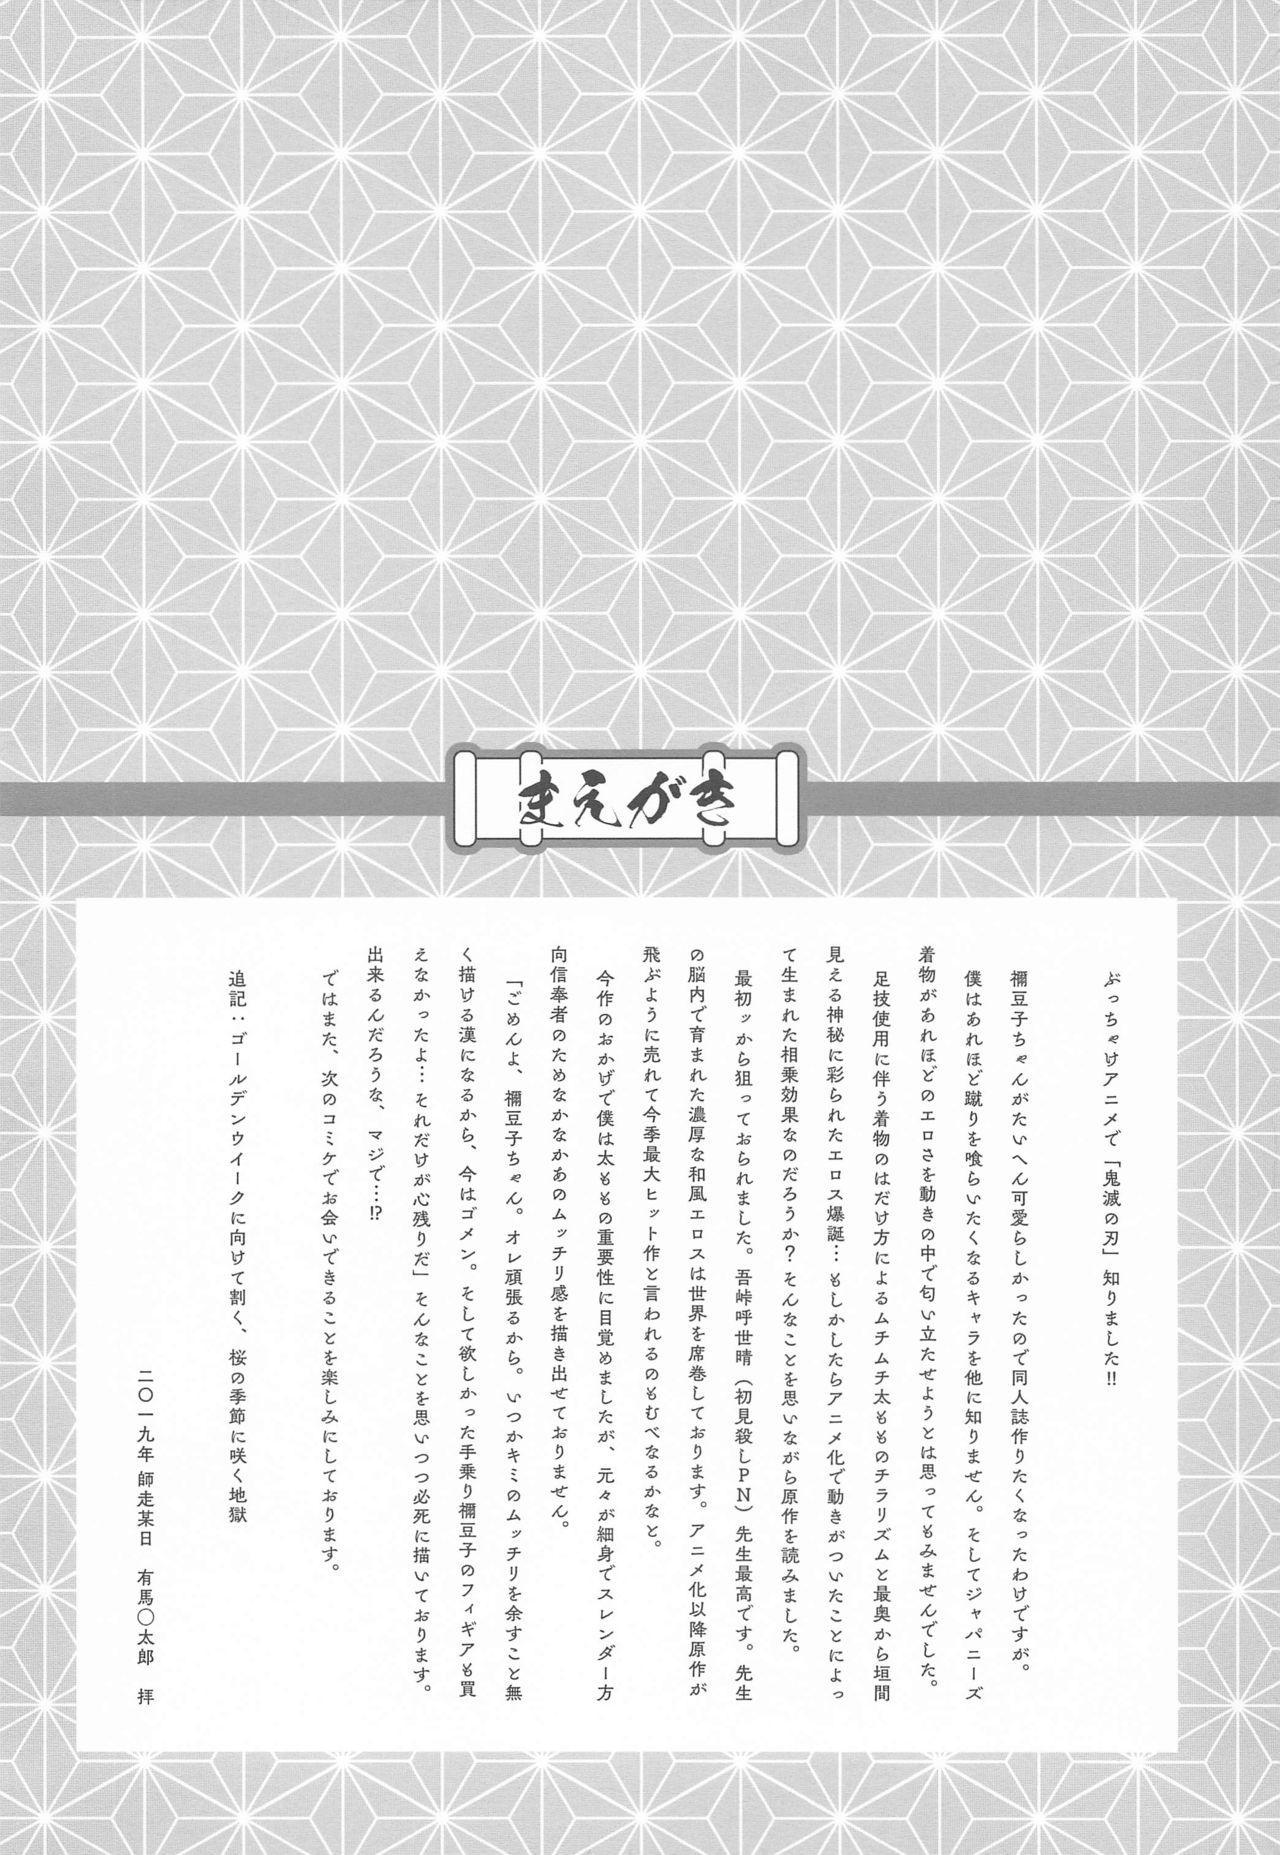 Zenitsu no Kiyuu Kimetsu no Yaiba Itan 4